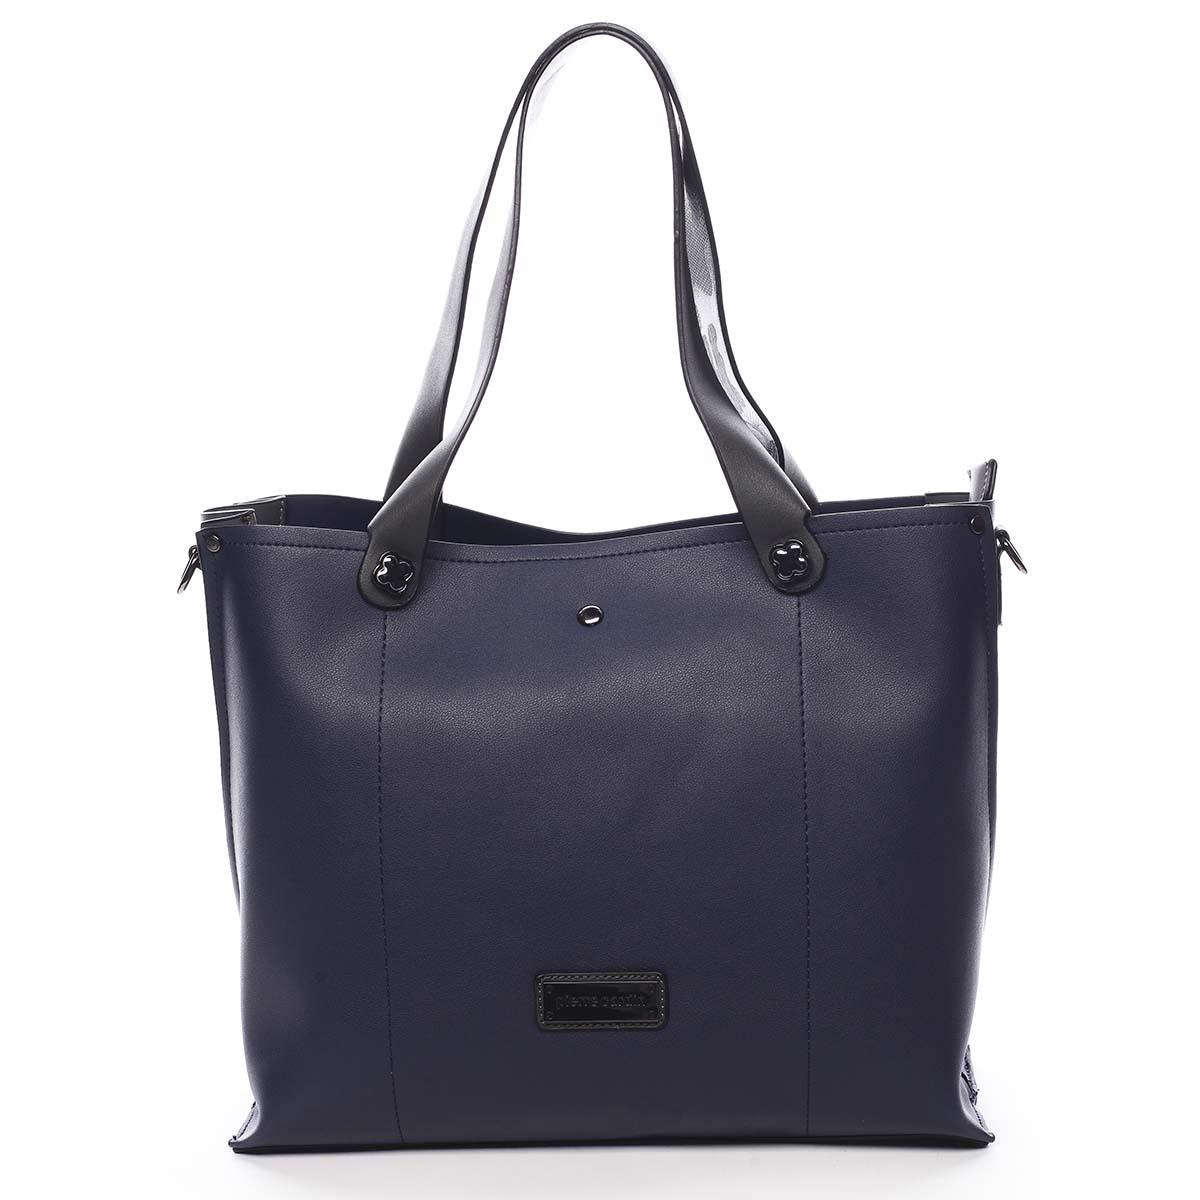 Dámská kabelka přes rameno tmavě modrá - Pierre Cardin Ellie modrá